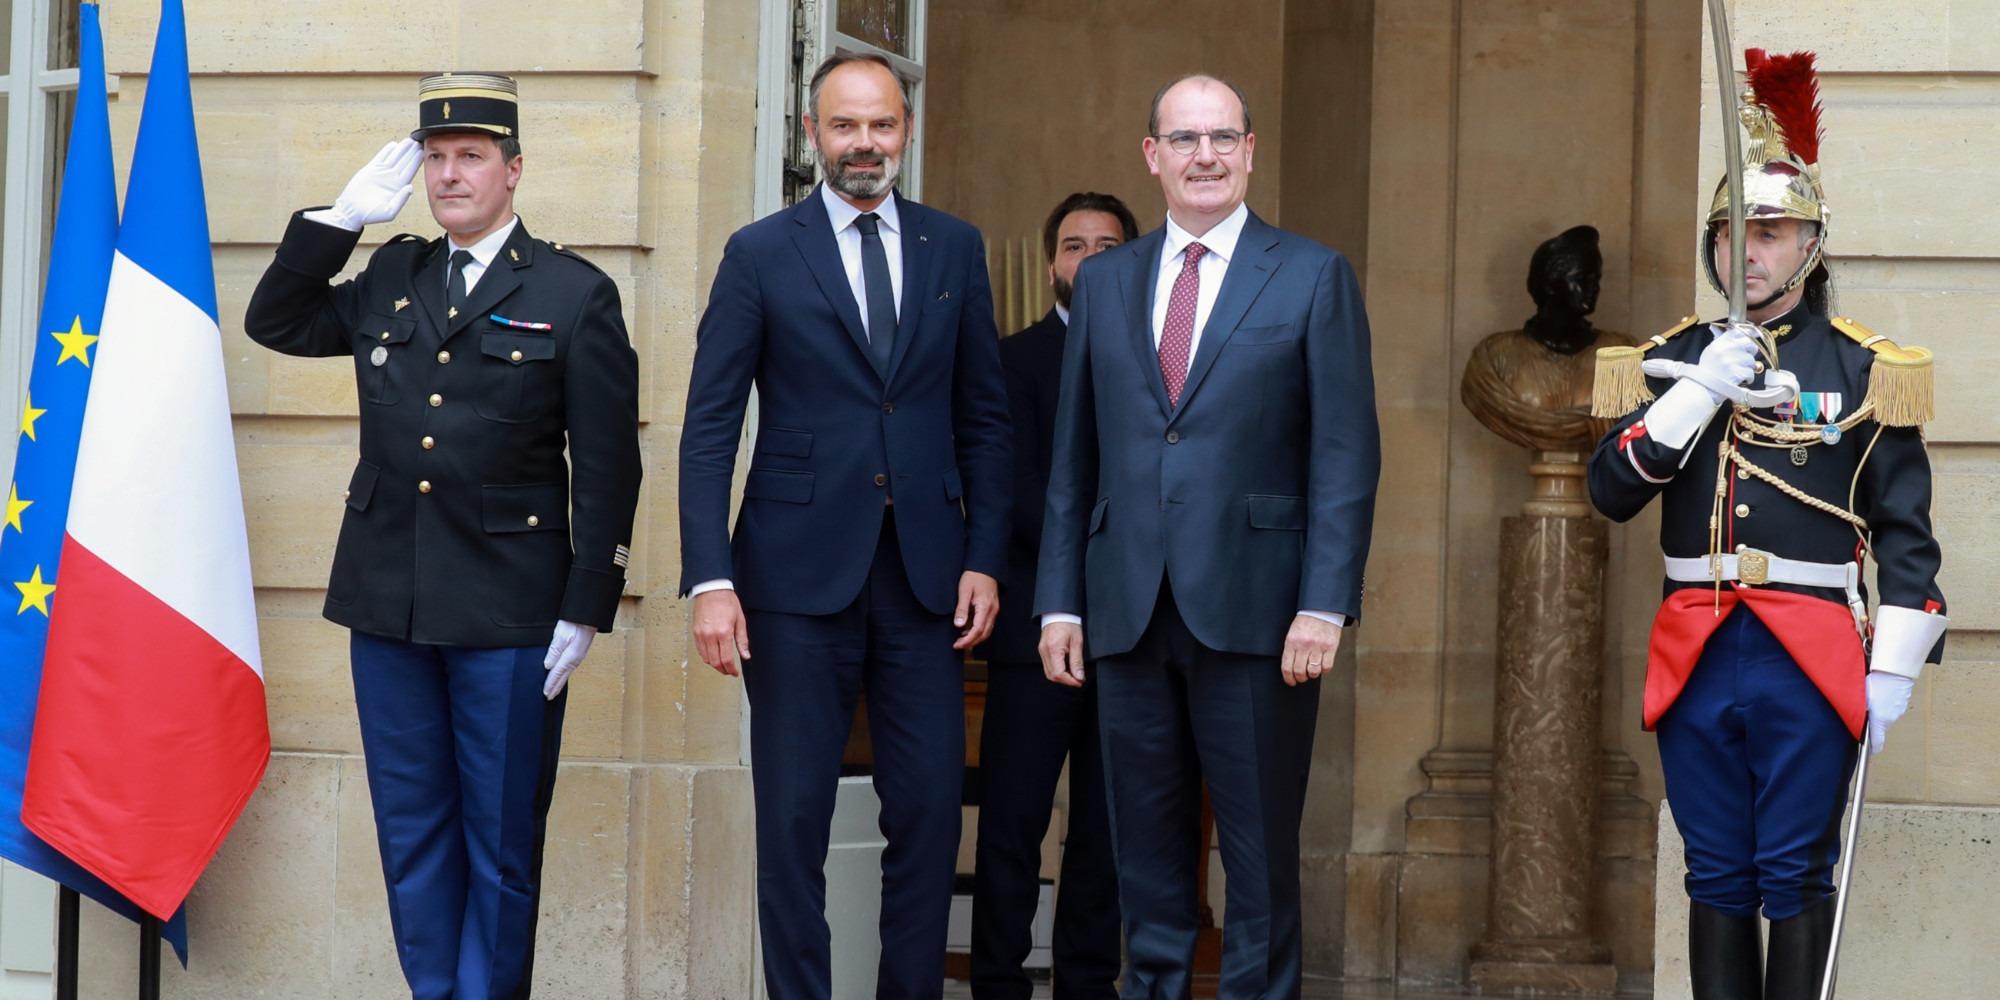 Fransa'nın yeni Başbakanı Jean Castex oldu - Haber  |Jean Castex